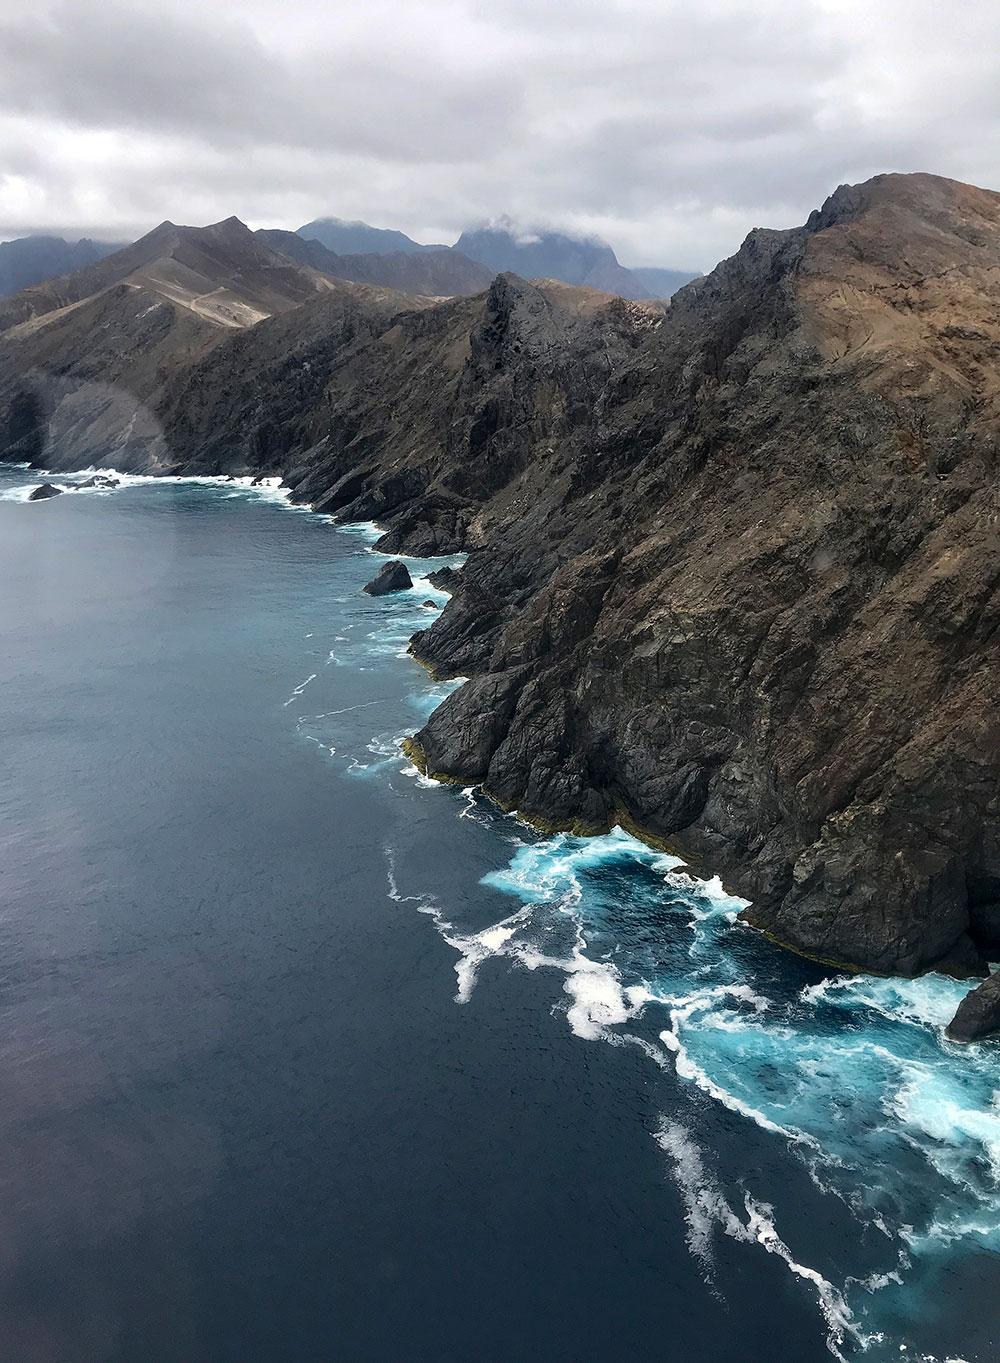 A la recherche d'un trésor sur l'île Robinson Crusoé: polémique au Chili